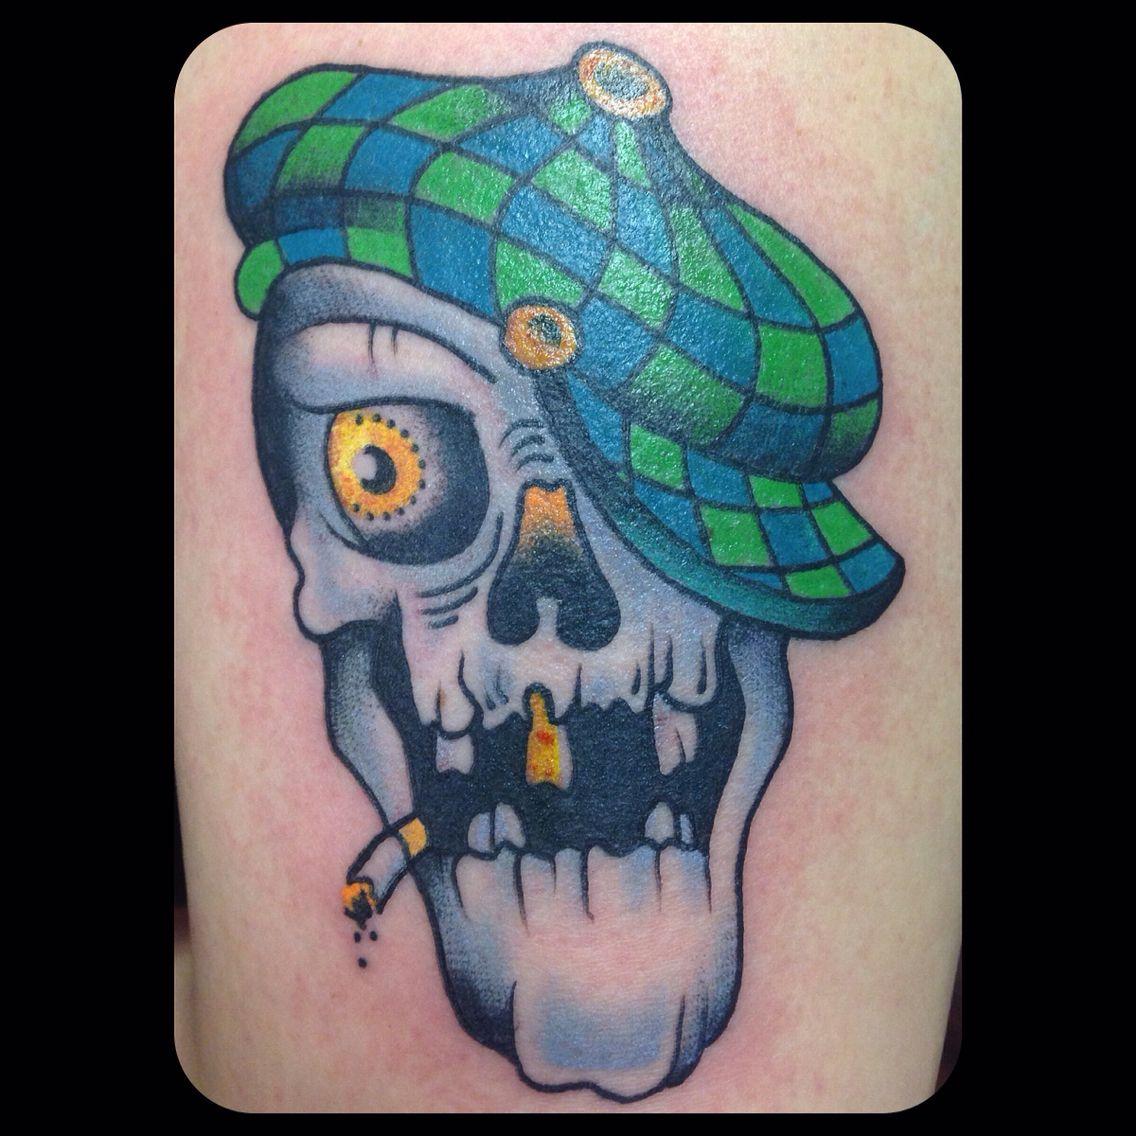 Fredericksburg virginia tattoo artist johan ulrich